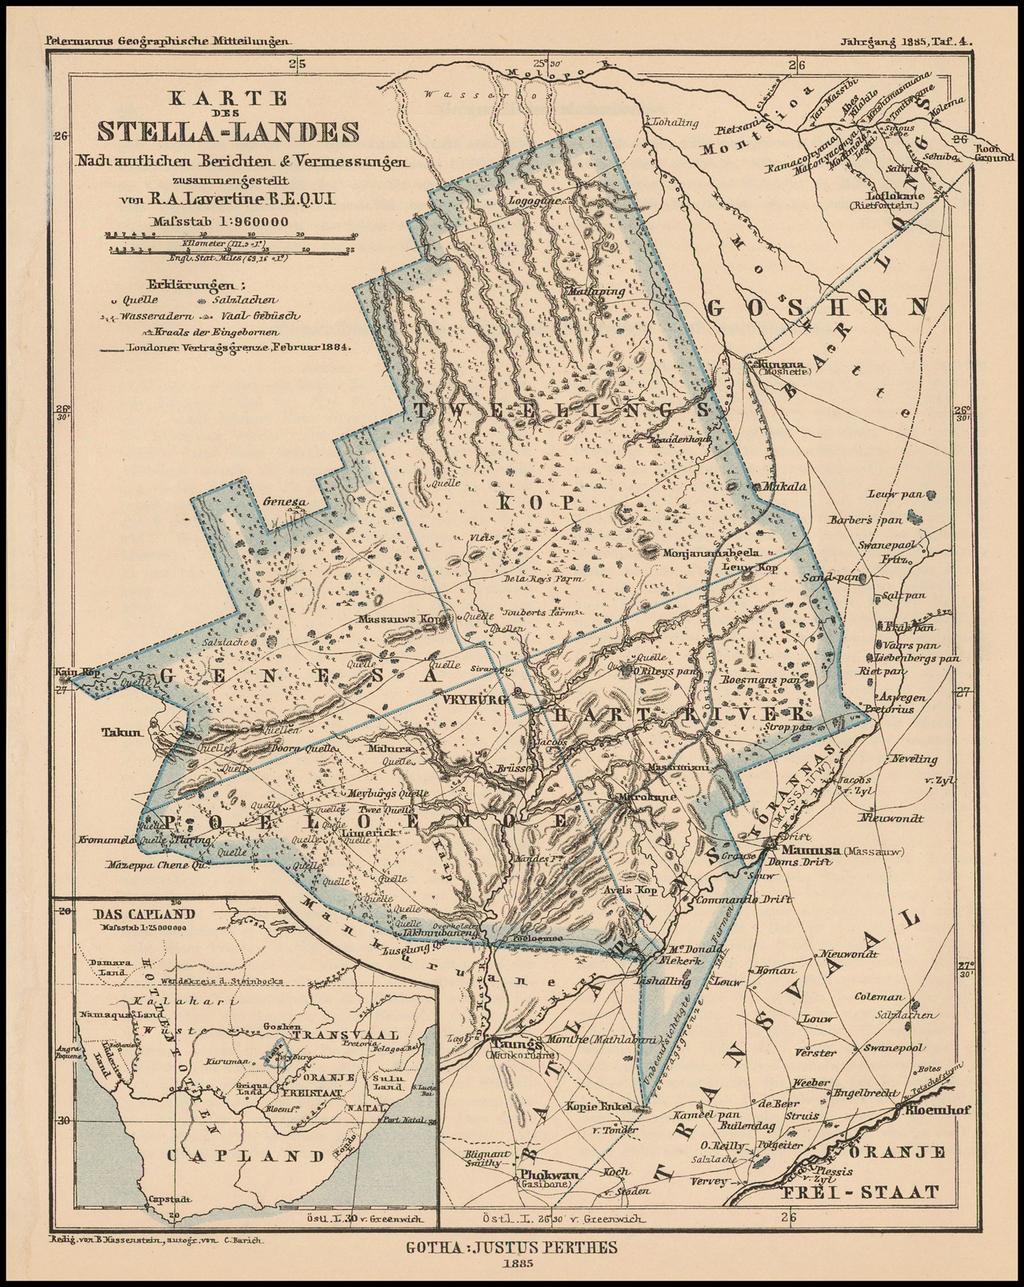 [Republic of Stellaland] Karte des Stella-Landes, nach amtlichen Berichten & Vermessungen zusammengestellt von R. A. Lavertine By Augustus Herman Petermann